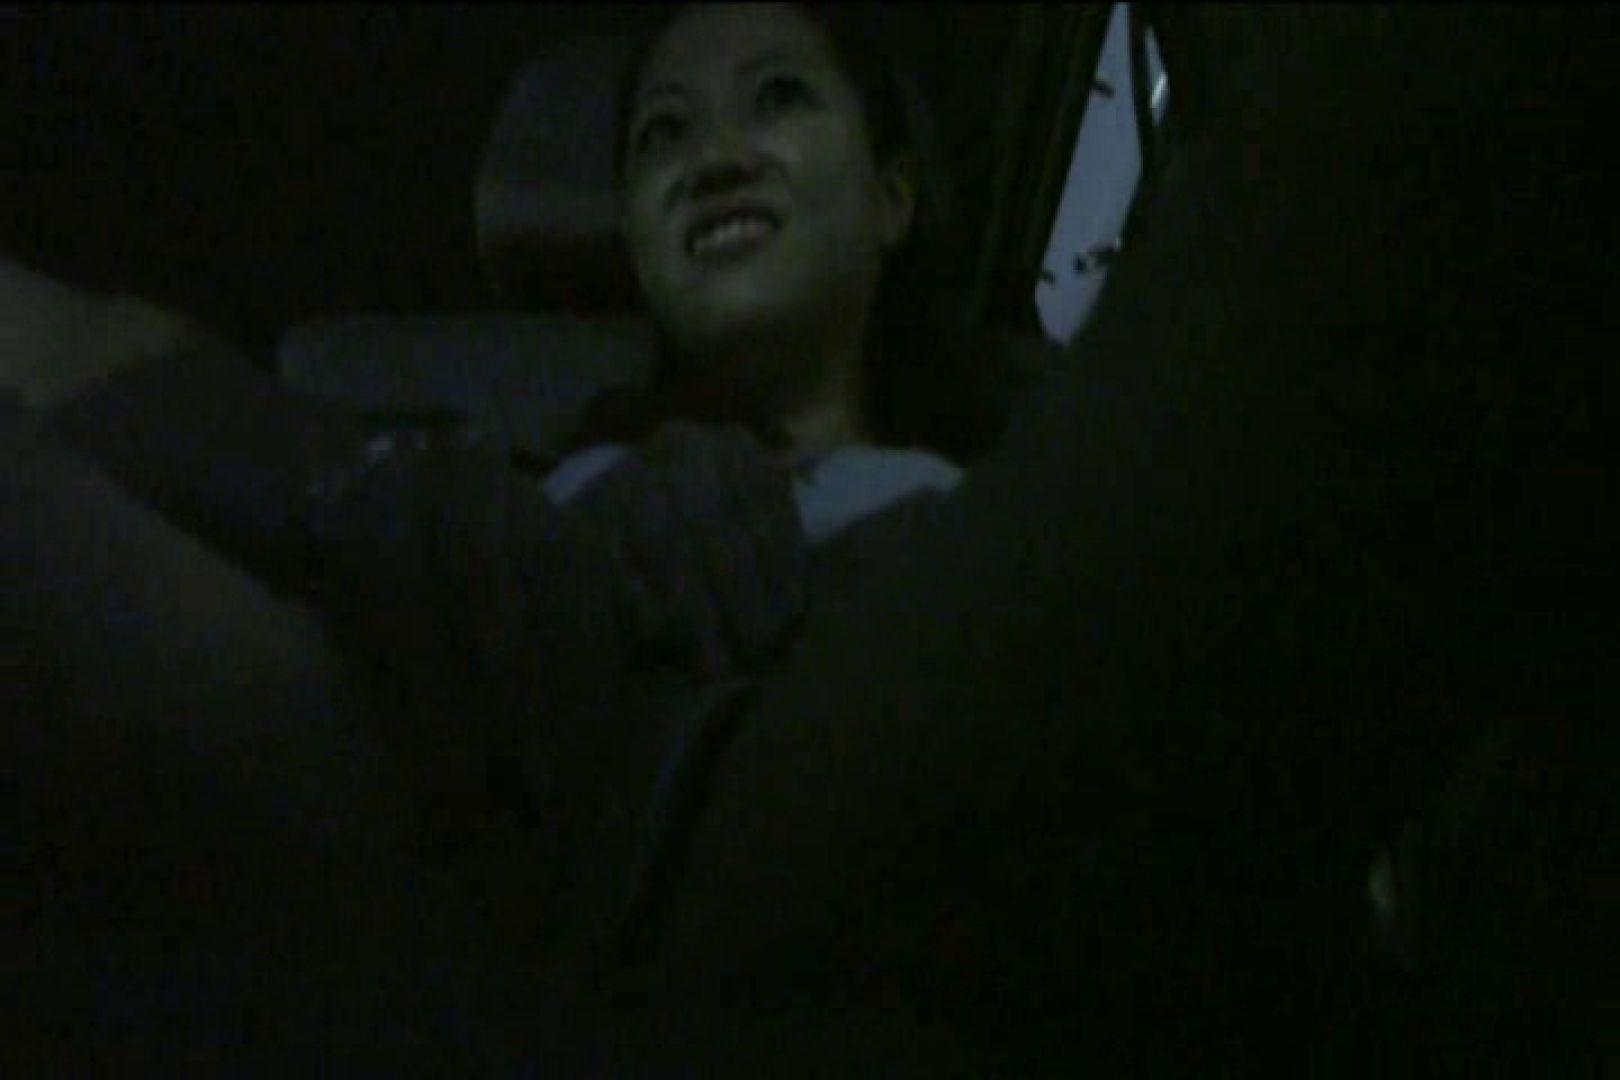 車内で初めまして! vol01 ハプニング   盗撮  68pic 65